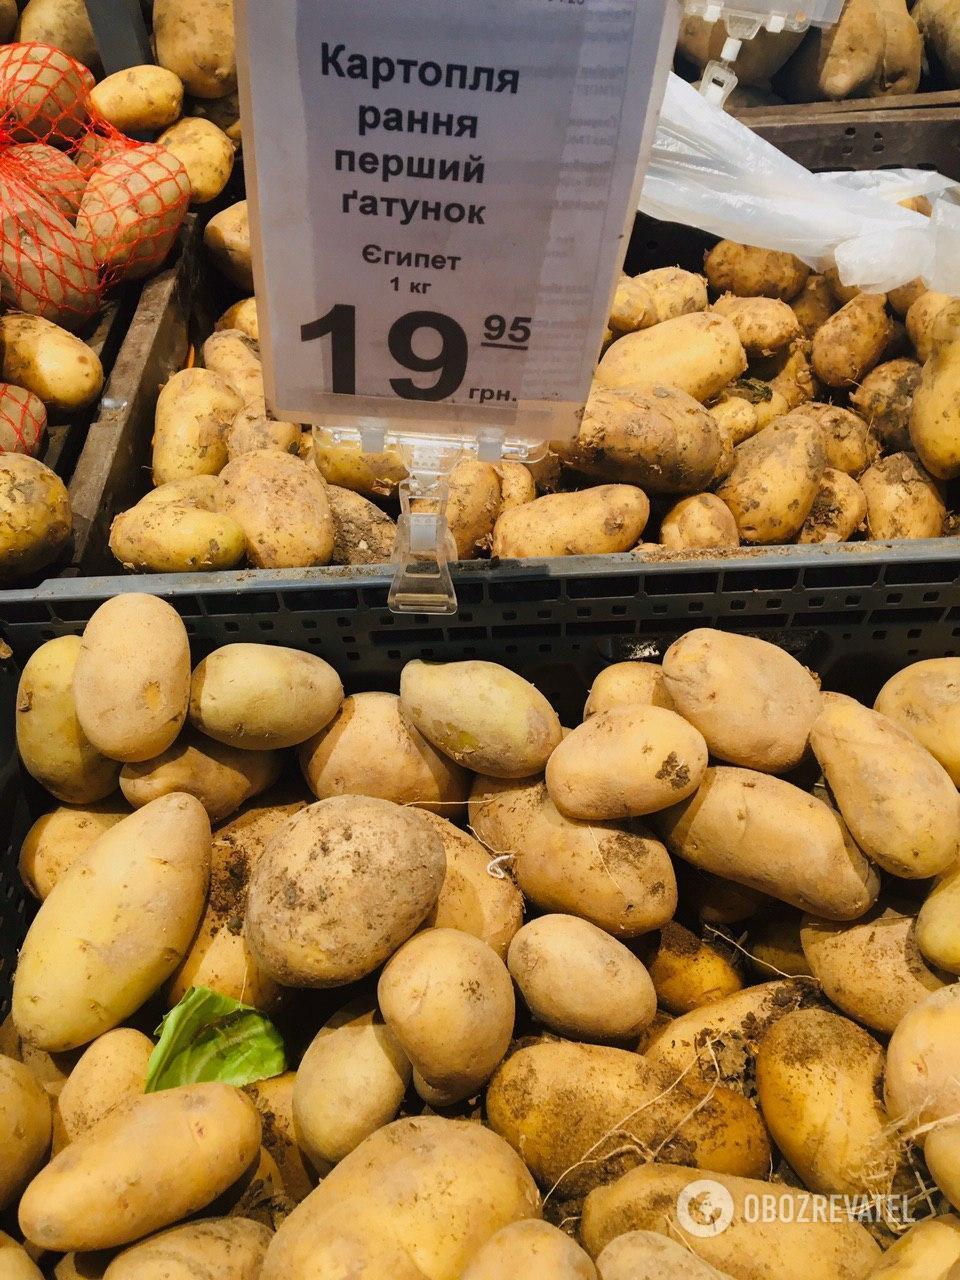 Овощи, которые привезли из-за границы, дешевле в днепровских супермаркетах